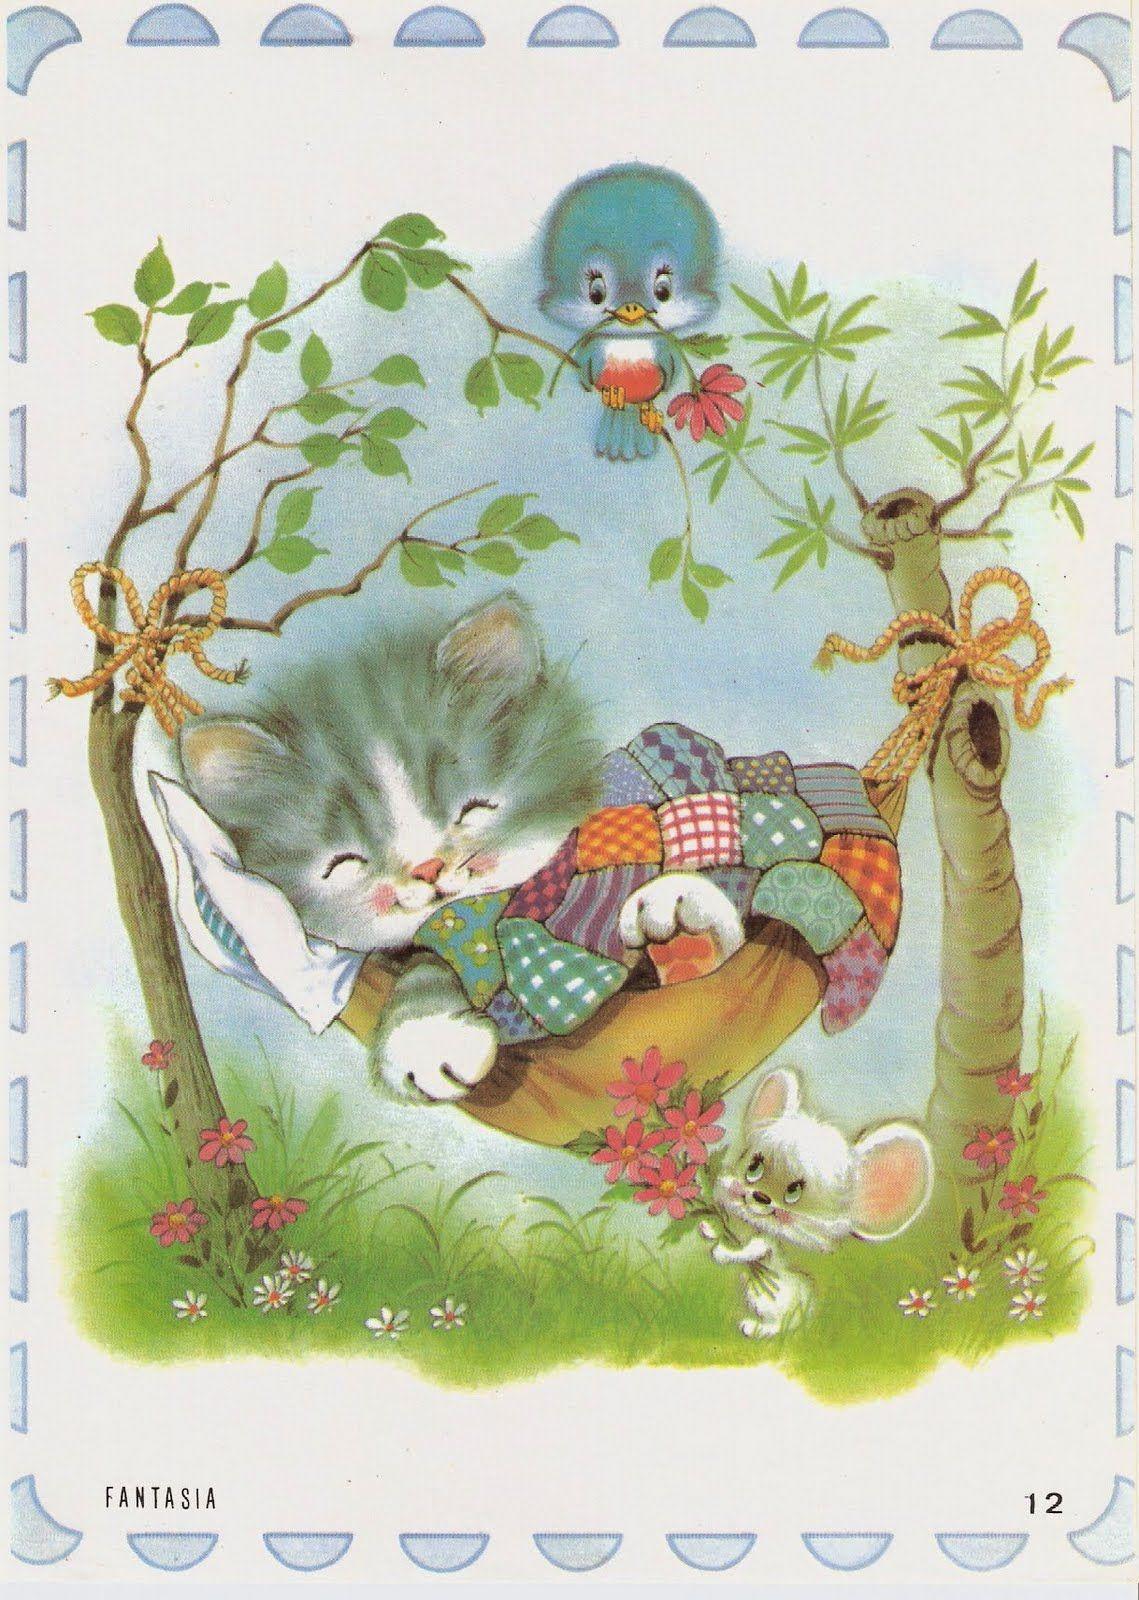 Papeldecarta Fantasia 12 Printables Pinterest Papel Gato Y  # Muebles Giordano Eirl